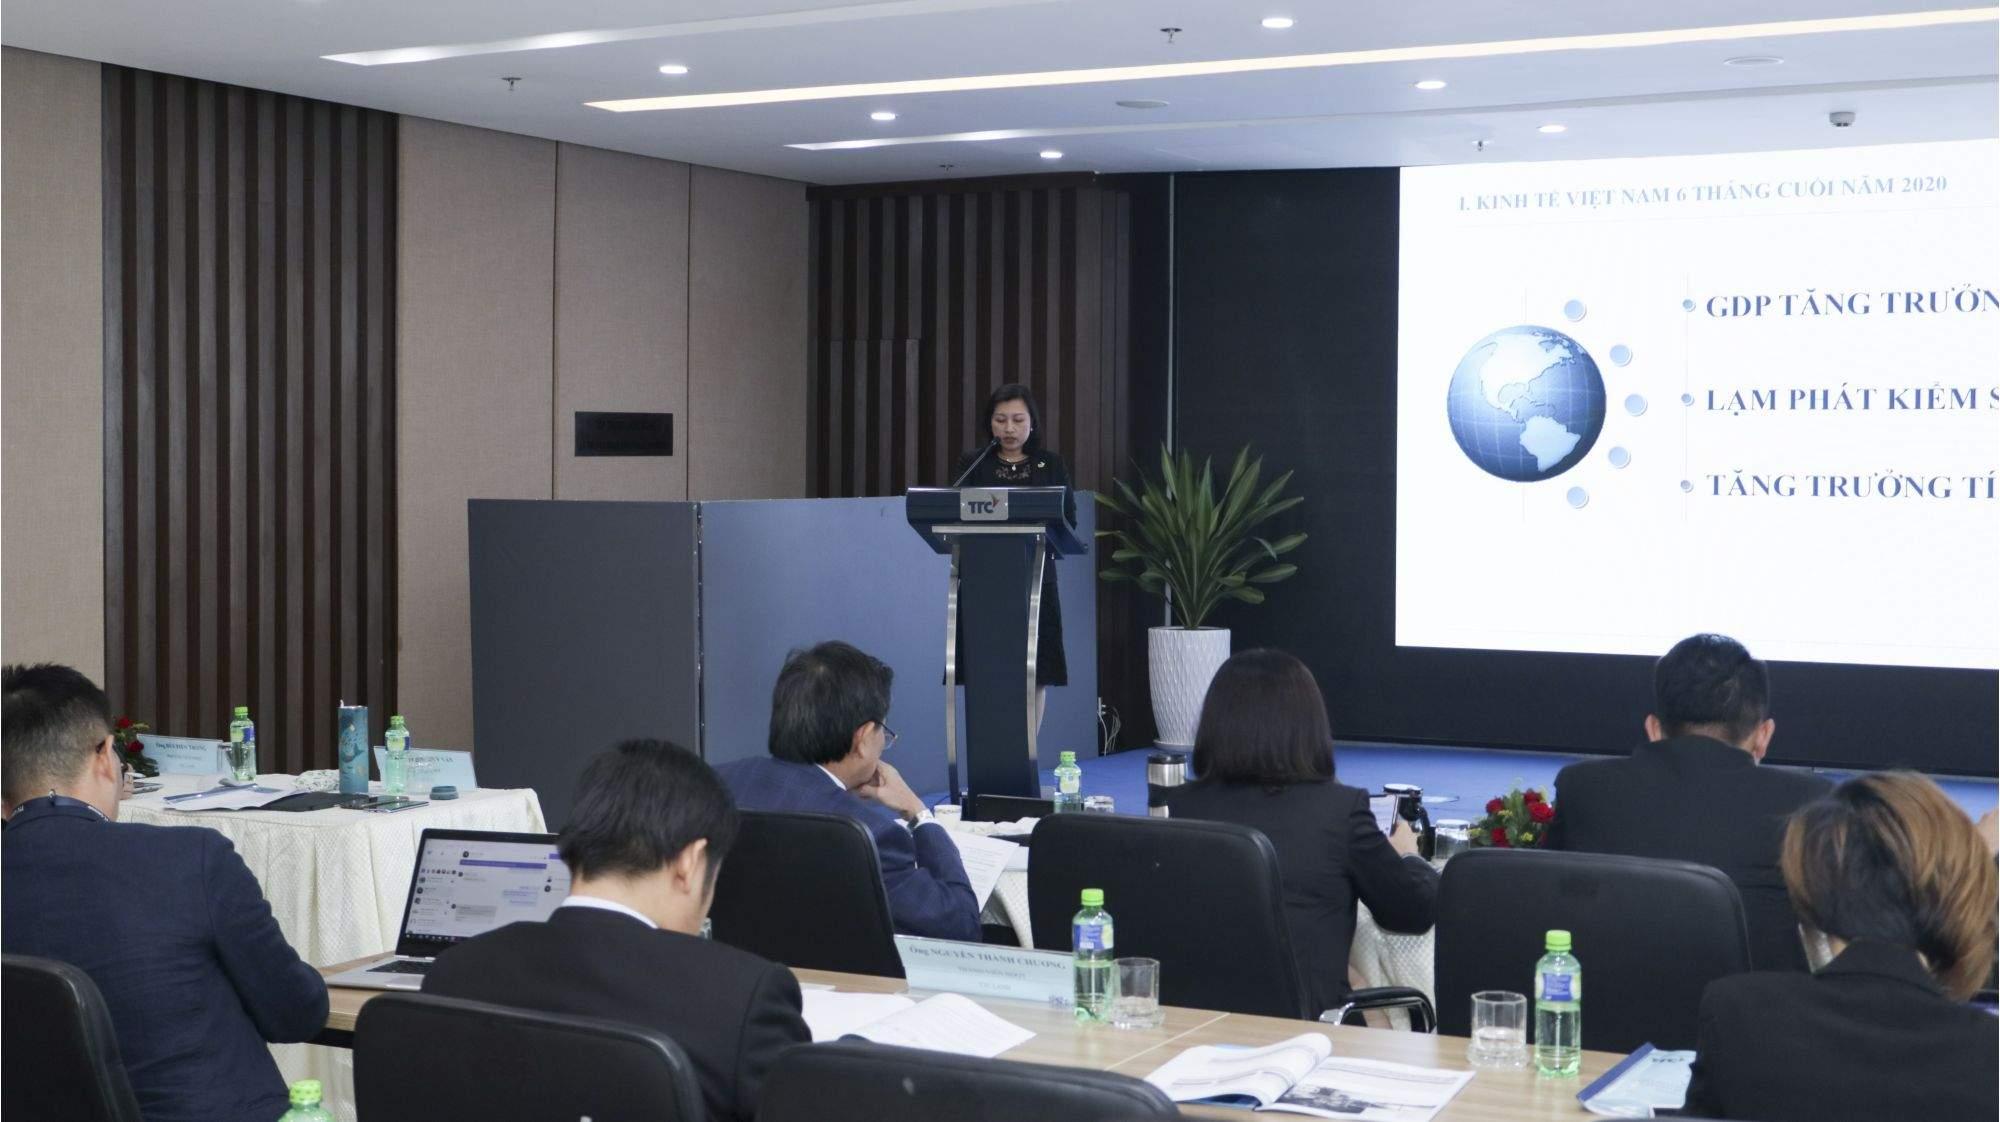 Hội nghị sơ kết 6 tháng đầu năm TTC Land: Kiện toàn hoạt động, hoàn thành mục tiêu 2020 và triển khai chiến lược 5 năm (2021 - 2025)